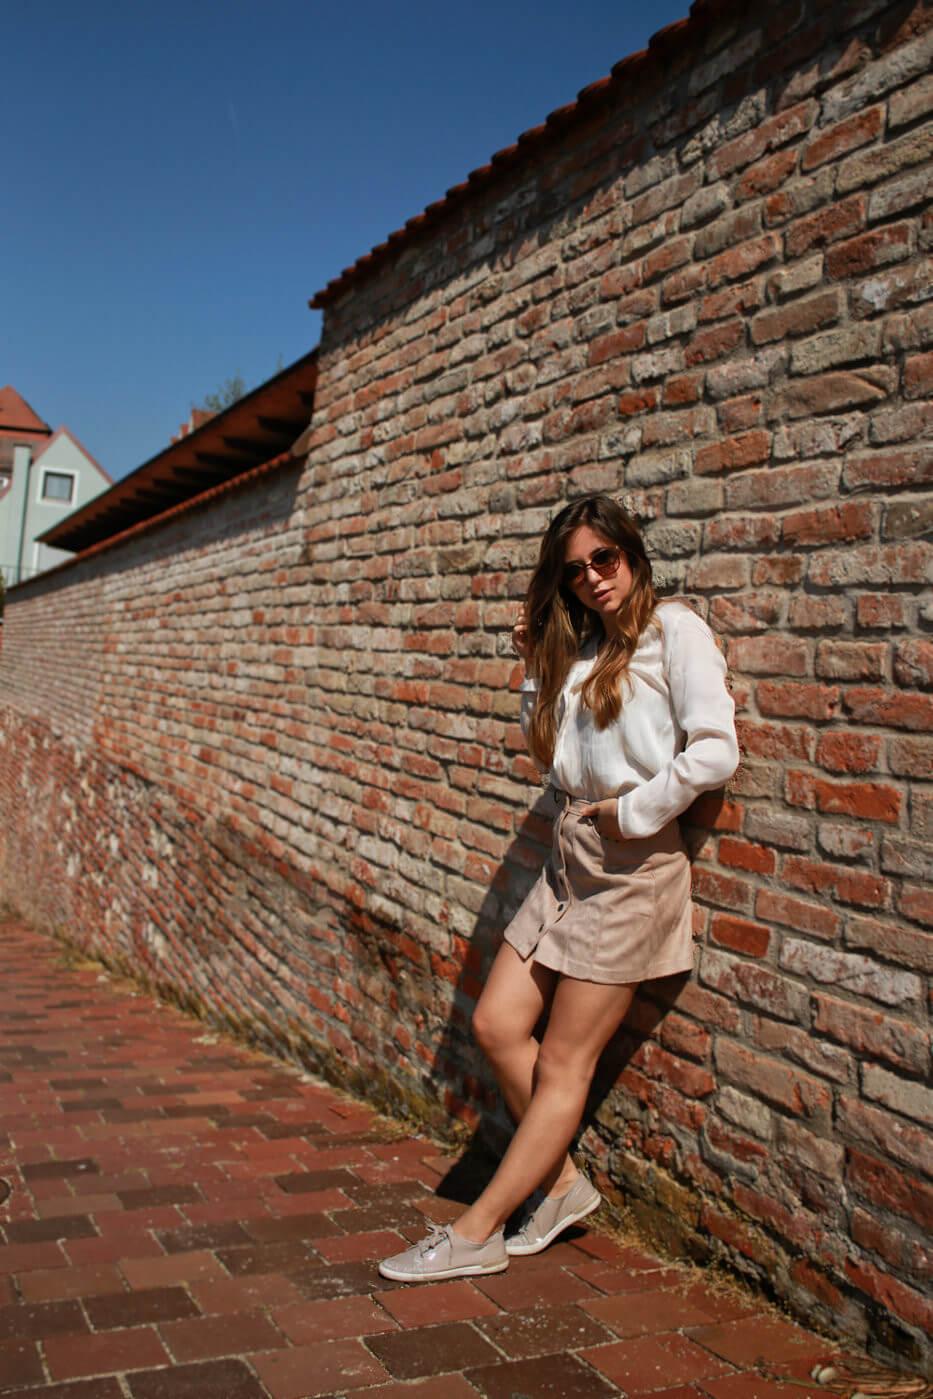 beiger kurzer Rock mit Knopfleiste kombinieren brauner rock cremefarbene bluse blogger styling tipps mode blog fashion blog deutschland bavaria münchen style trend 2018